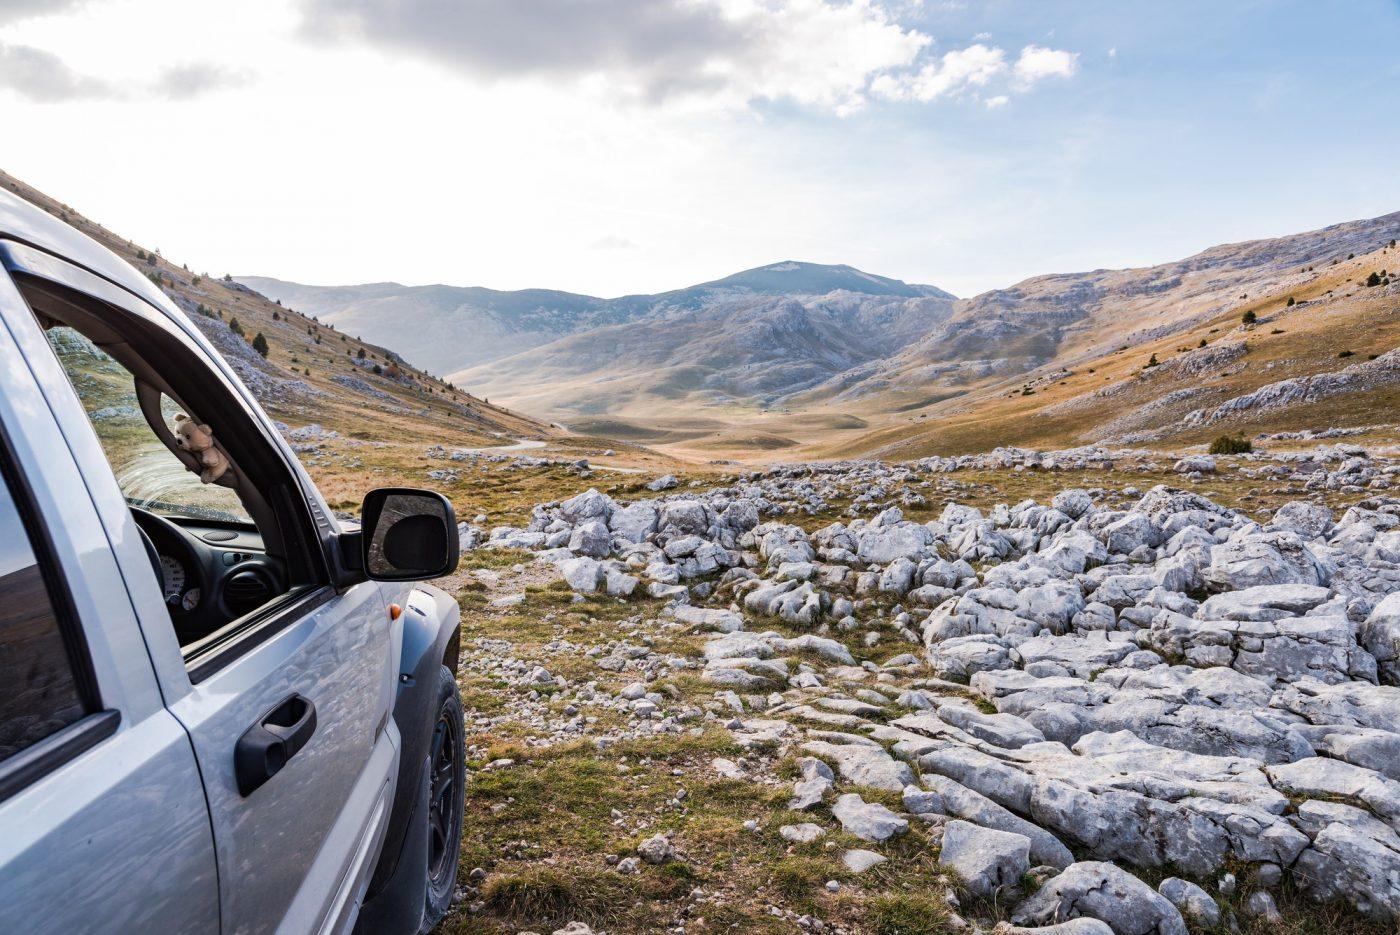 Off road adventure in rural steppe in Bosnia